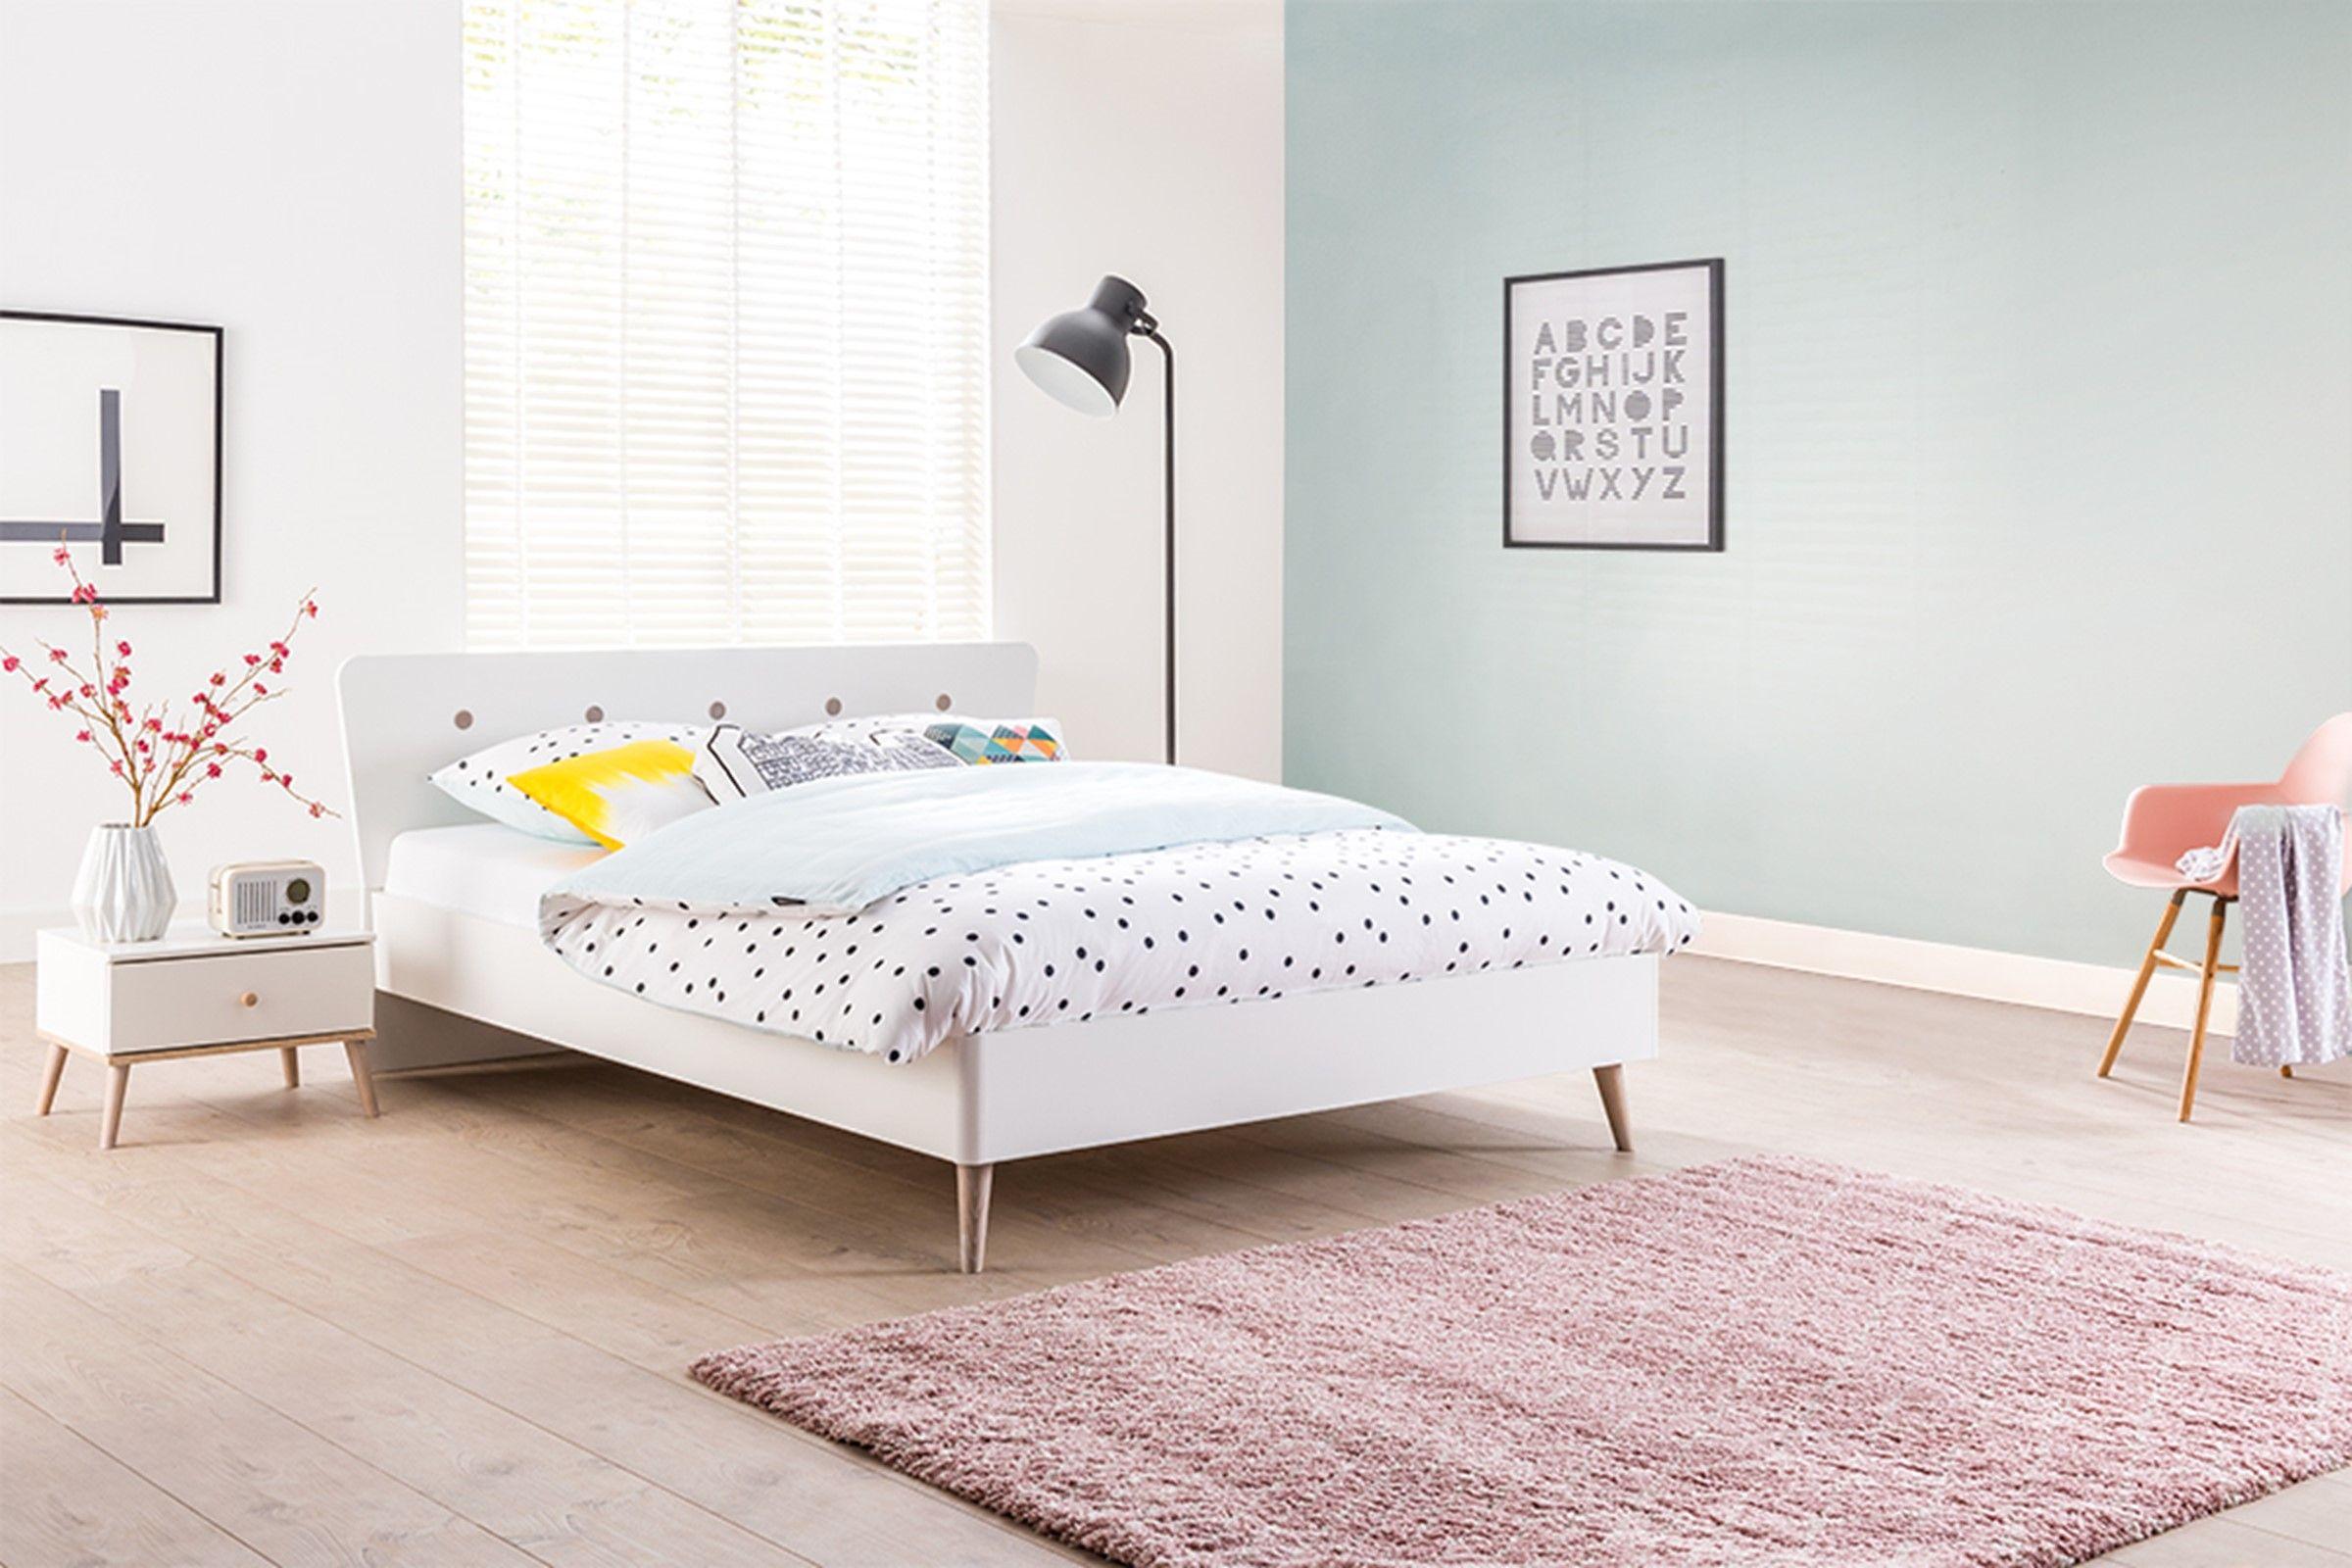 Tweepersoonsbed Compleet Met Matras.Bed Filljet Met Polyether Matras In 2019 Tweepersoons Bedden